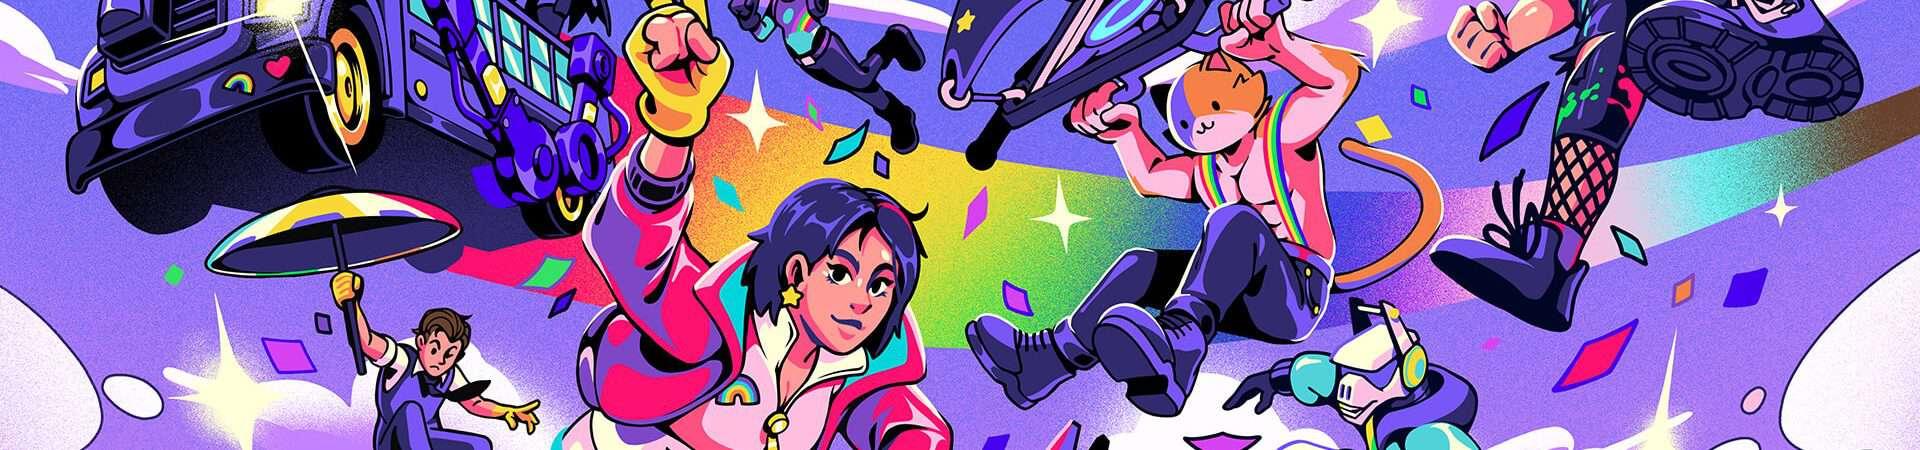 Orgullo real: 'Fortnite' lanza el evento LGBTQIA + con artículos gratuitos; sepa mas. Imagen: Epic Games / Disclosure